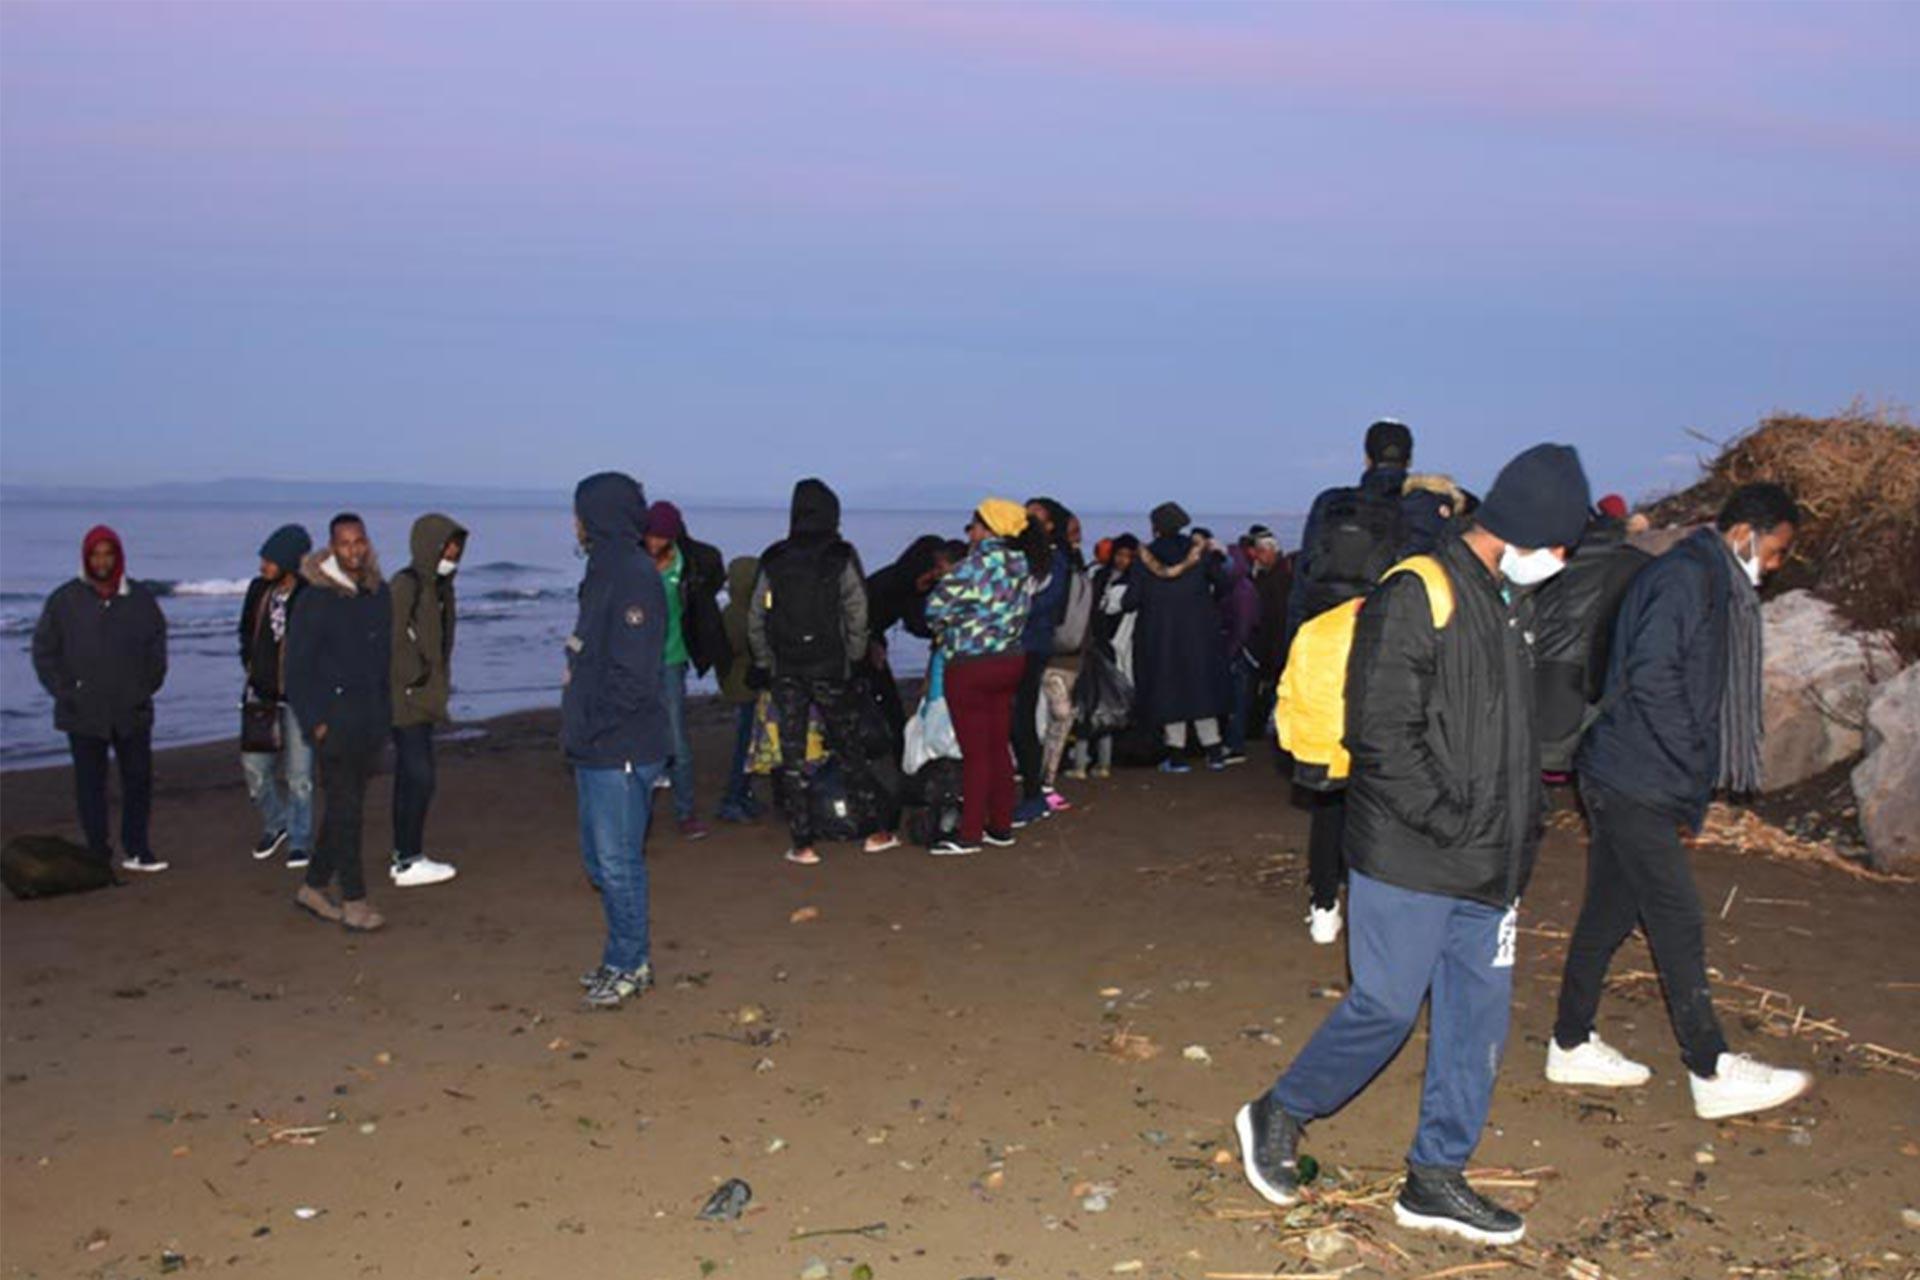 İzmir'de sahilde bekleyen mülteciler